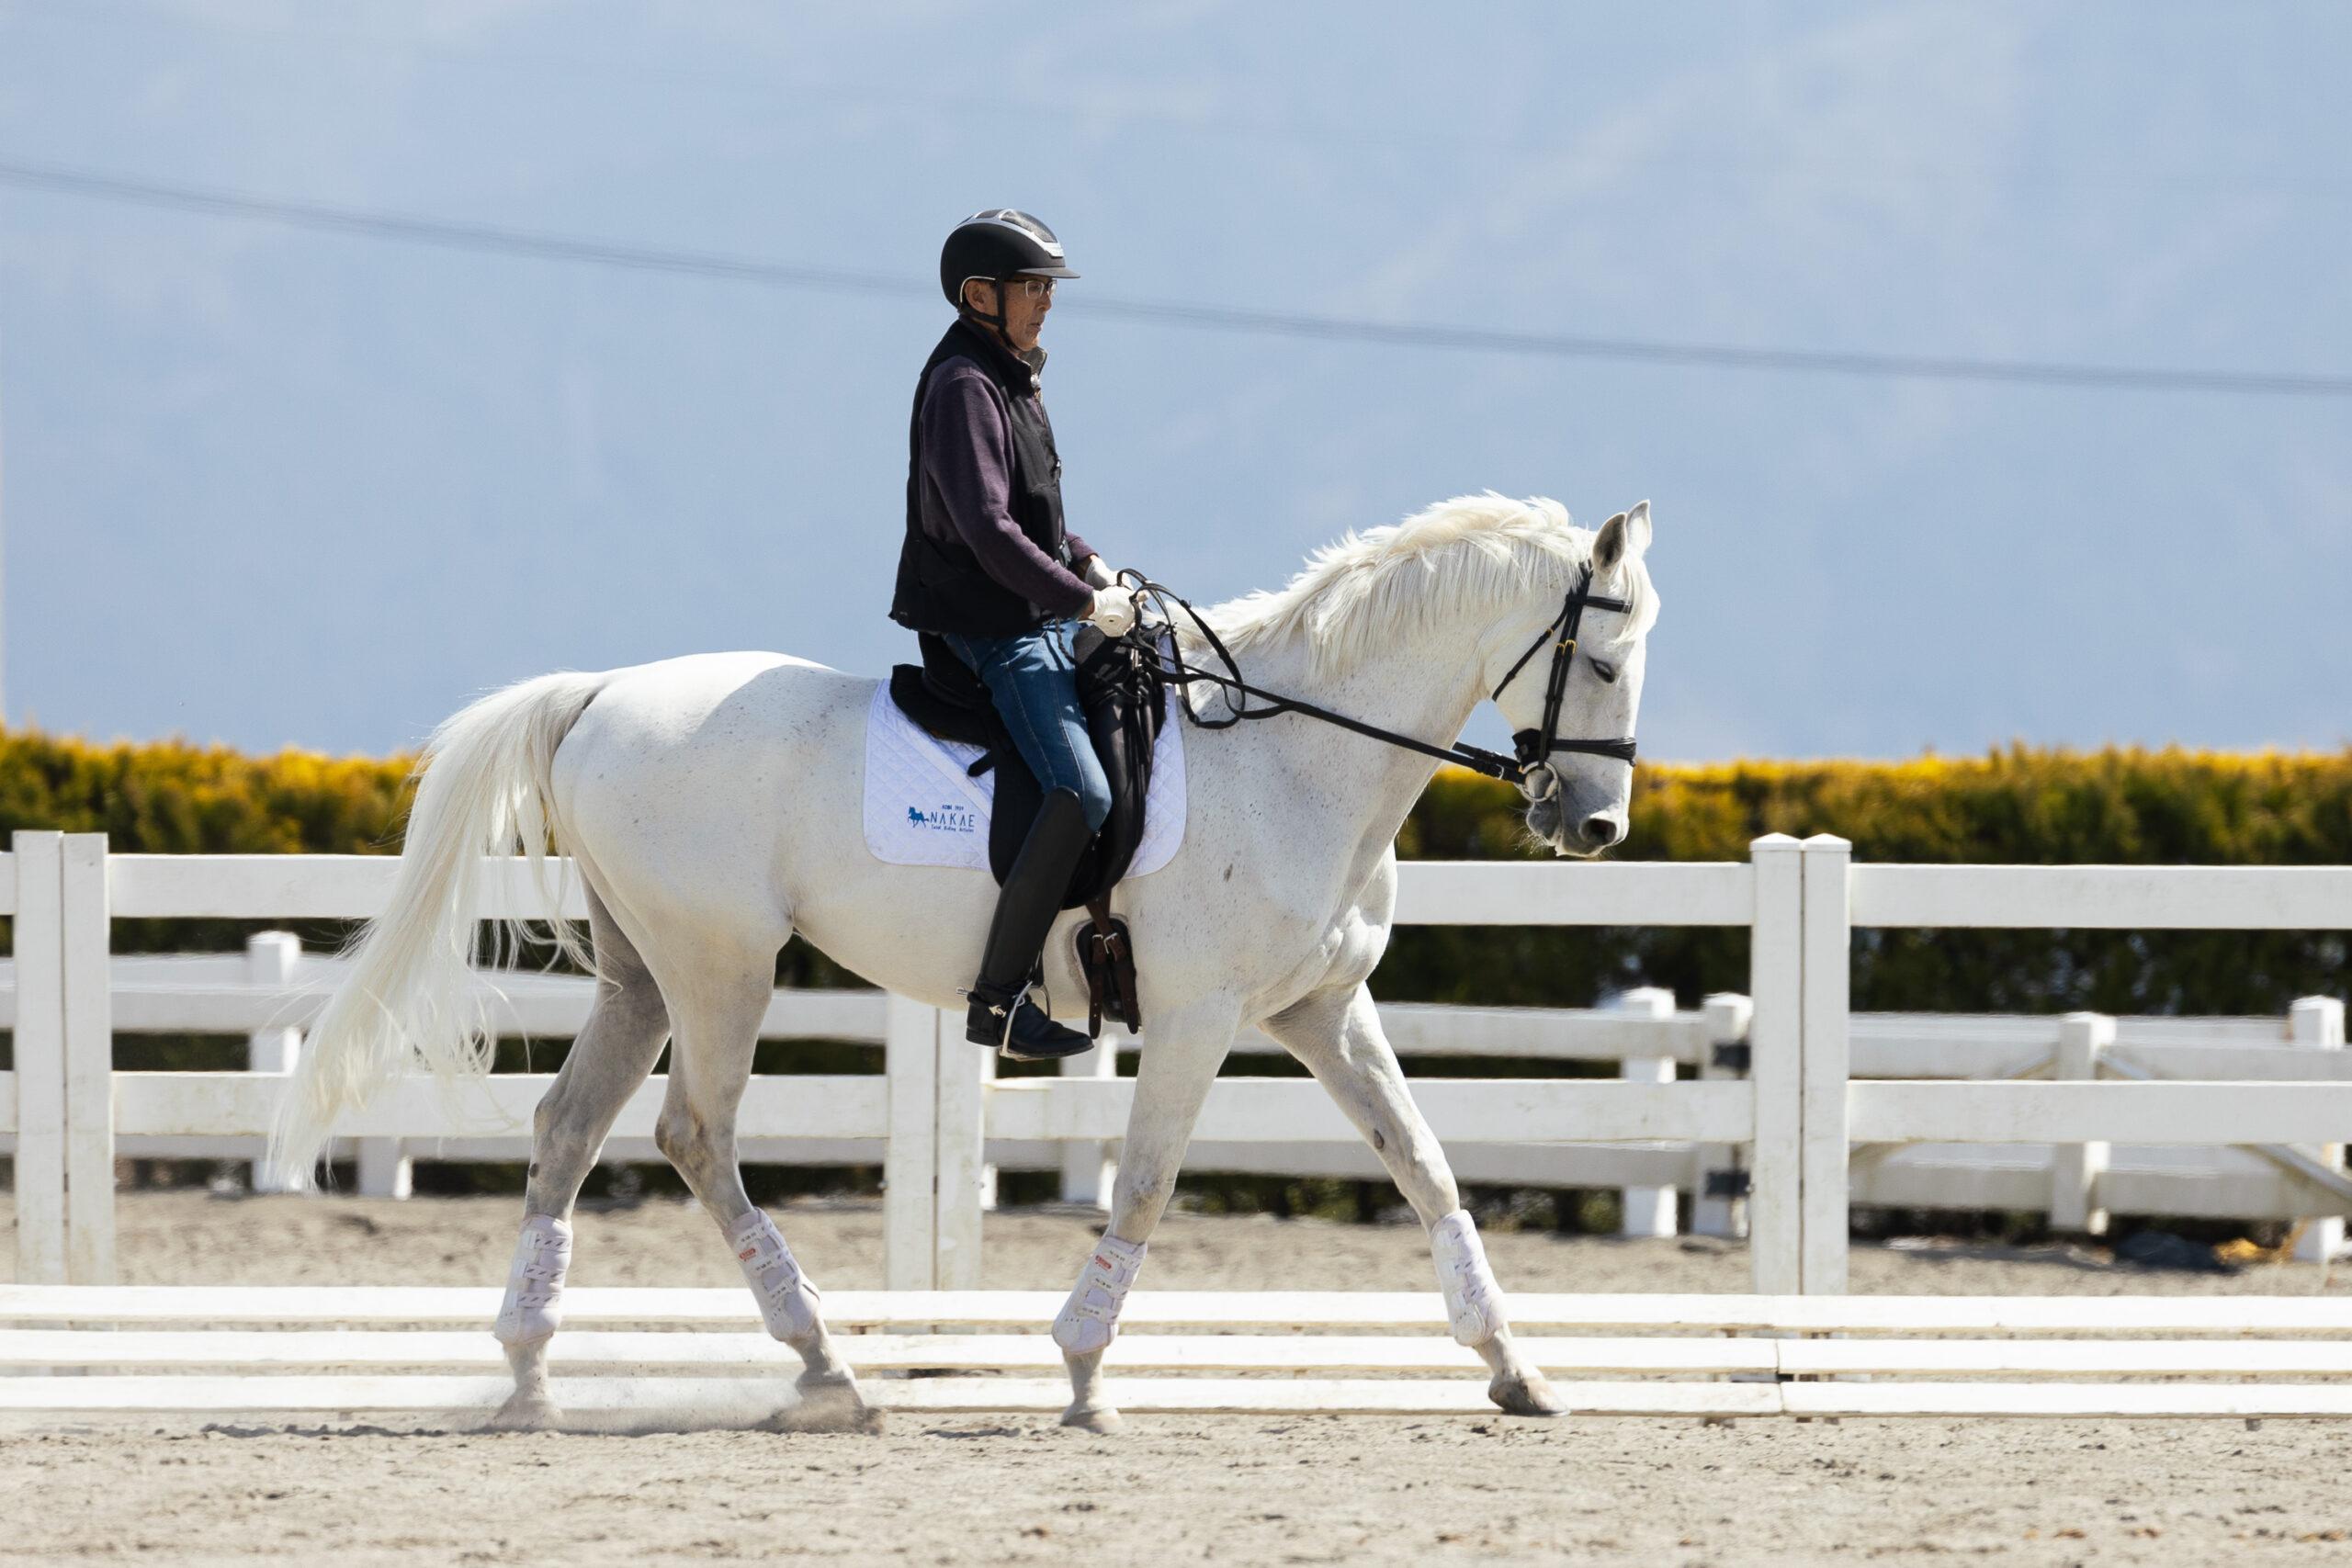 白馬に乗って合宿で練習する大川選手選手